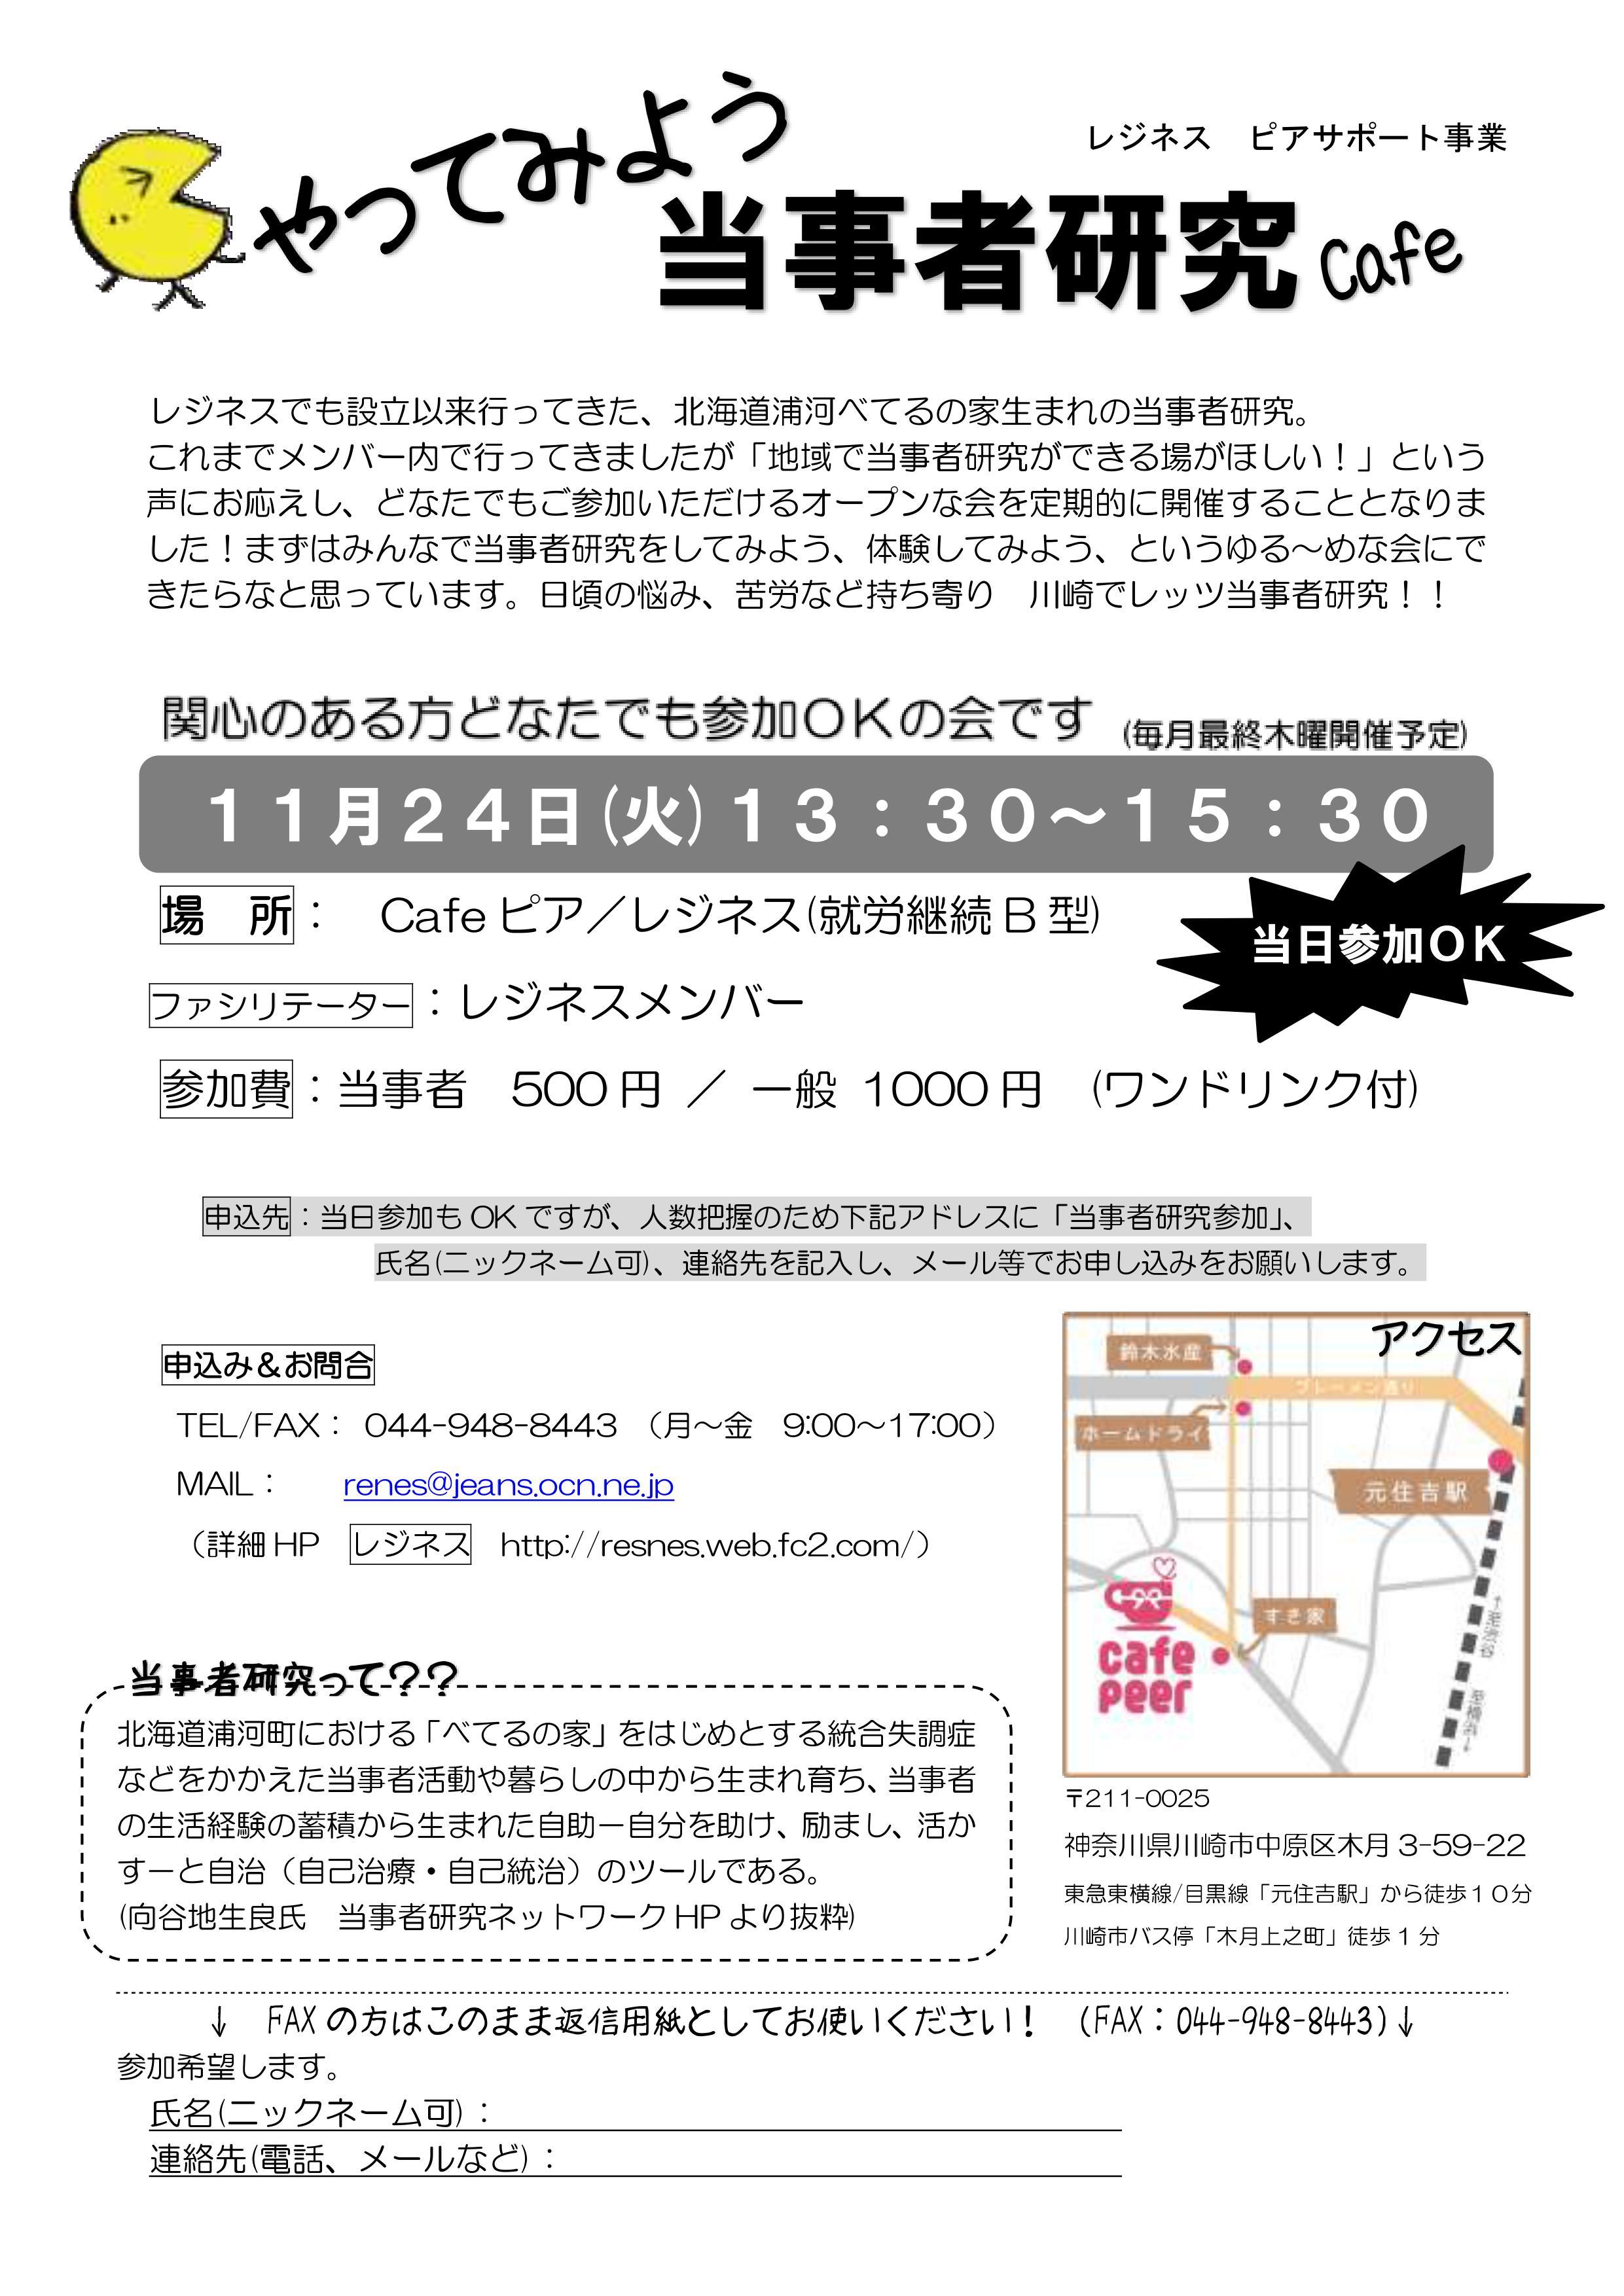 toukengaibu11.jpg